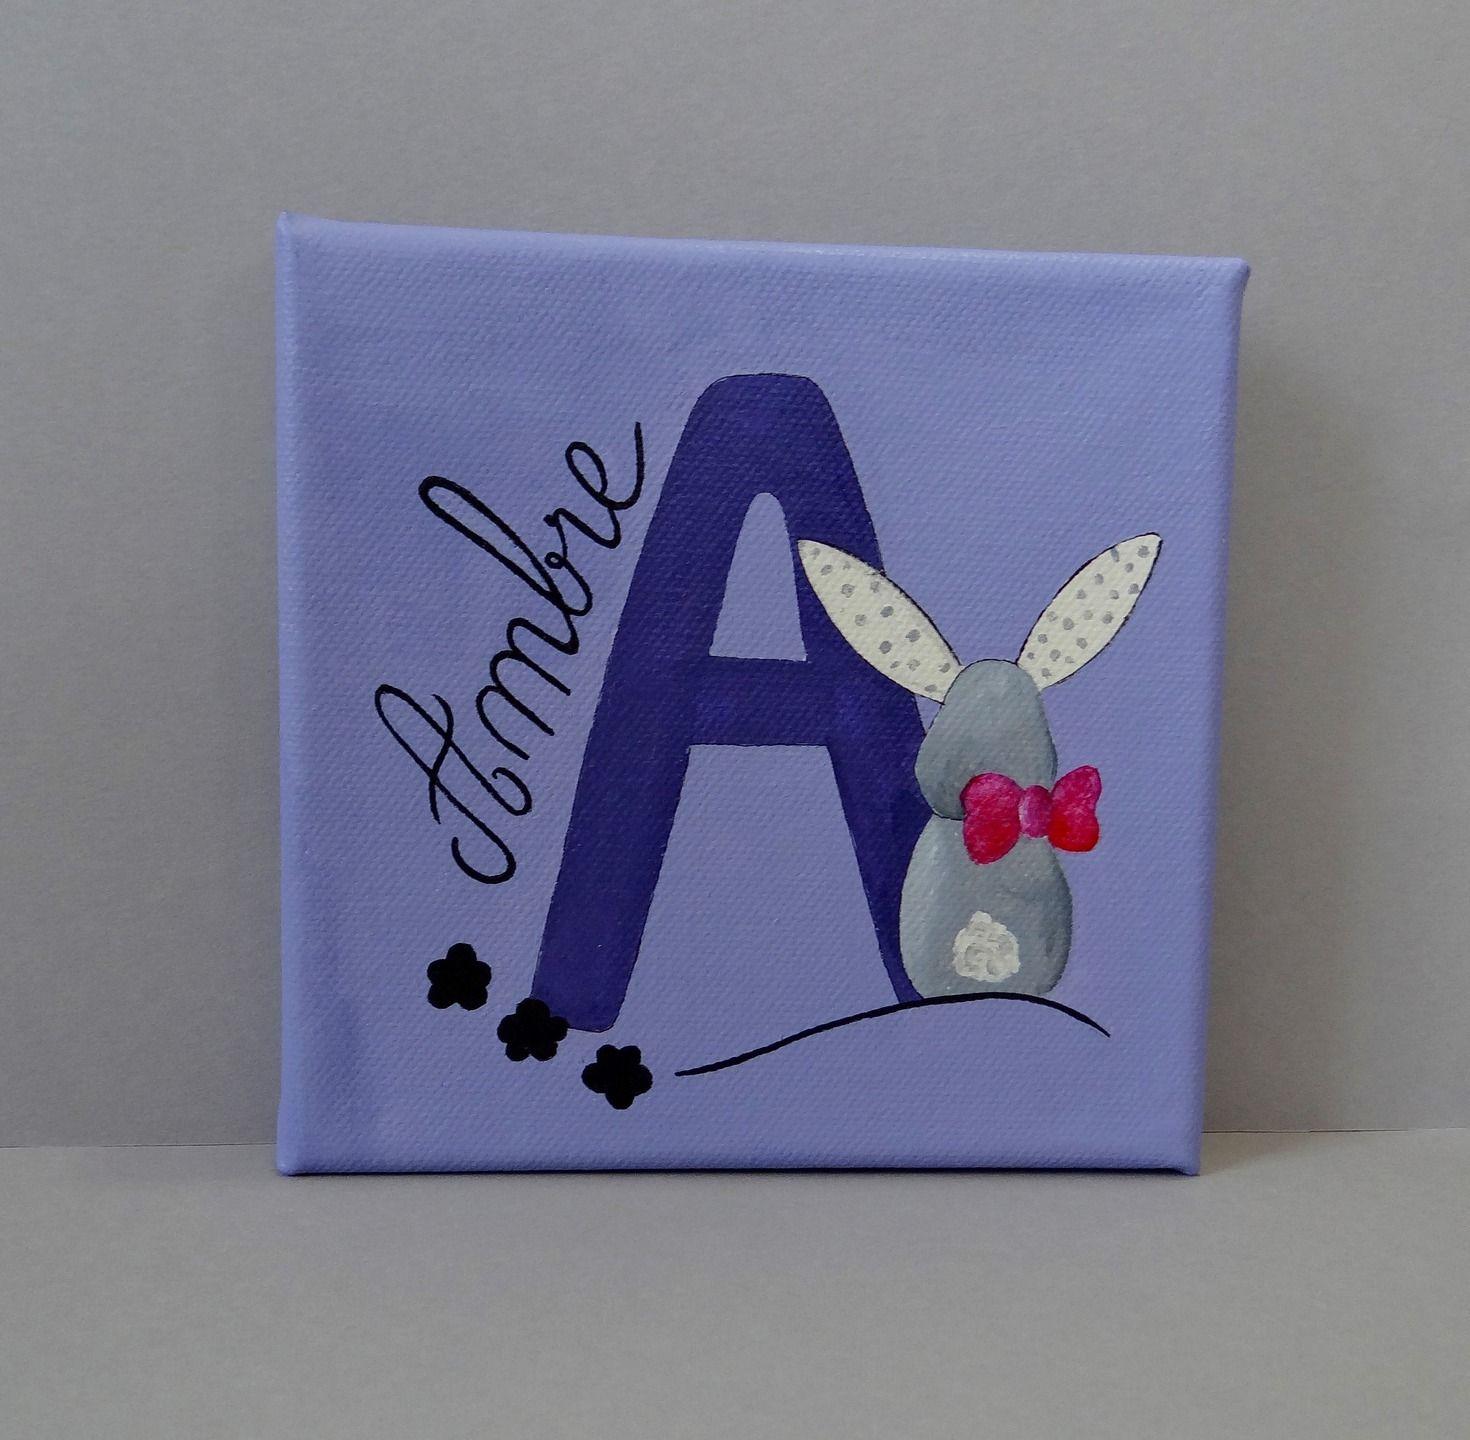 tableau pr nom pour chambre d 39 enfant lapin tableau pr nom pinterest pr noms enfant lapin. Black Bedroom Furniture Sets. Home Design Ideas